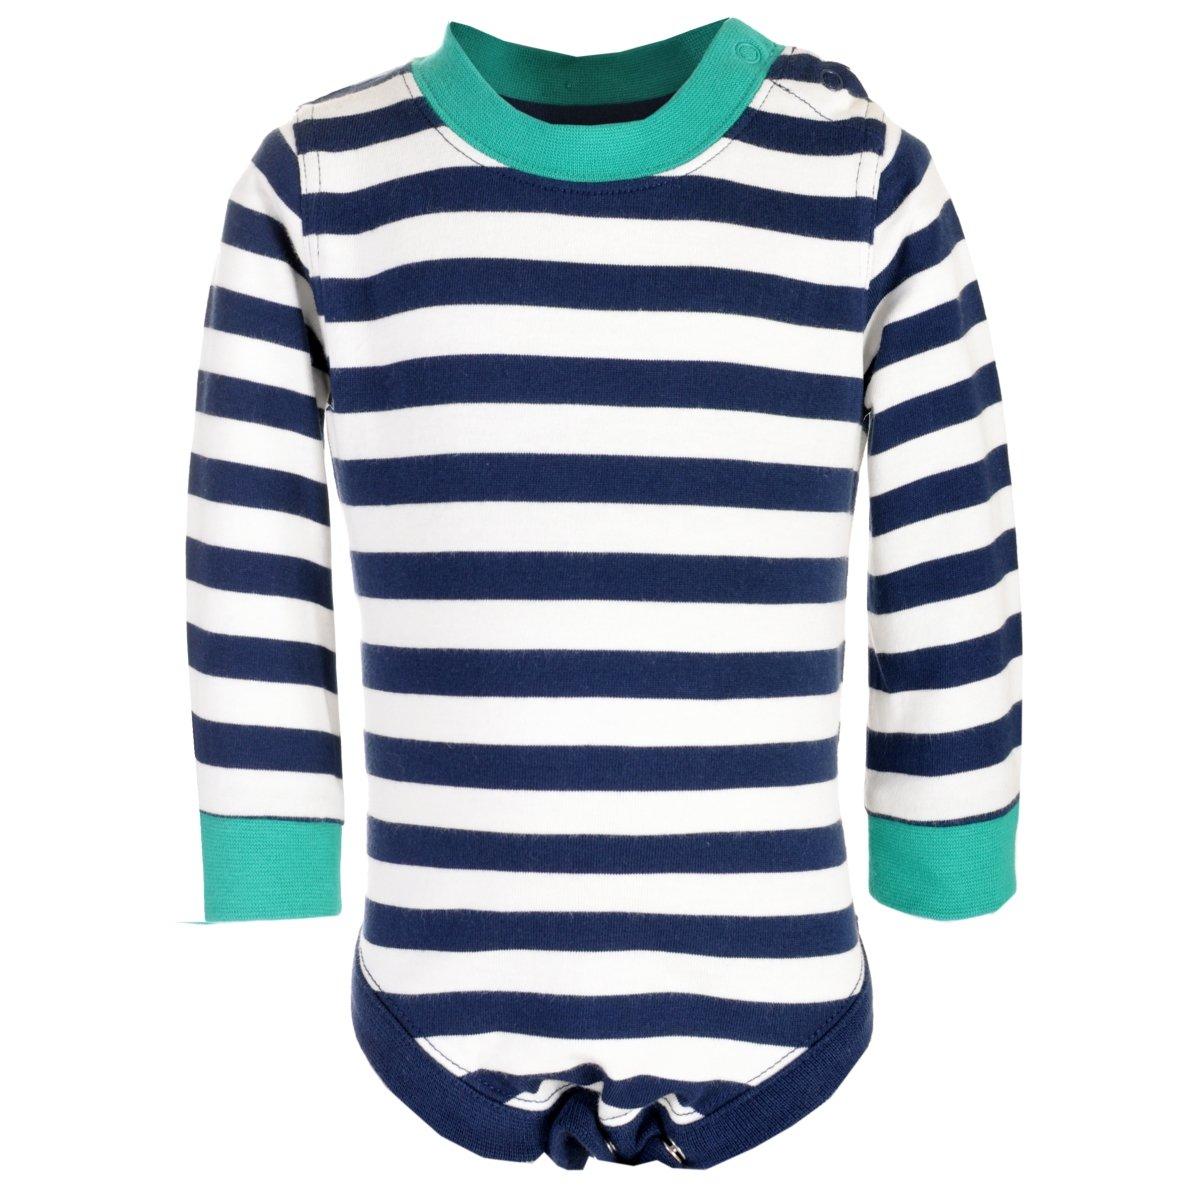 Sears en linea: 70% Ropa de bebe y niño/niña hasta 2años de la Marca CAROSELLO